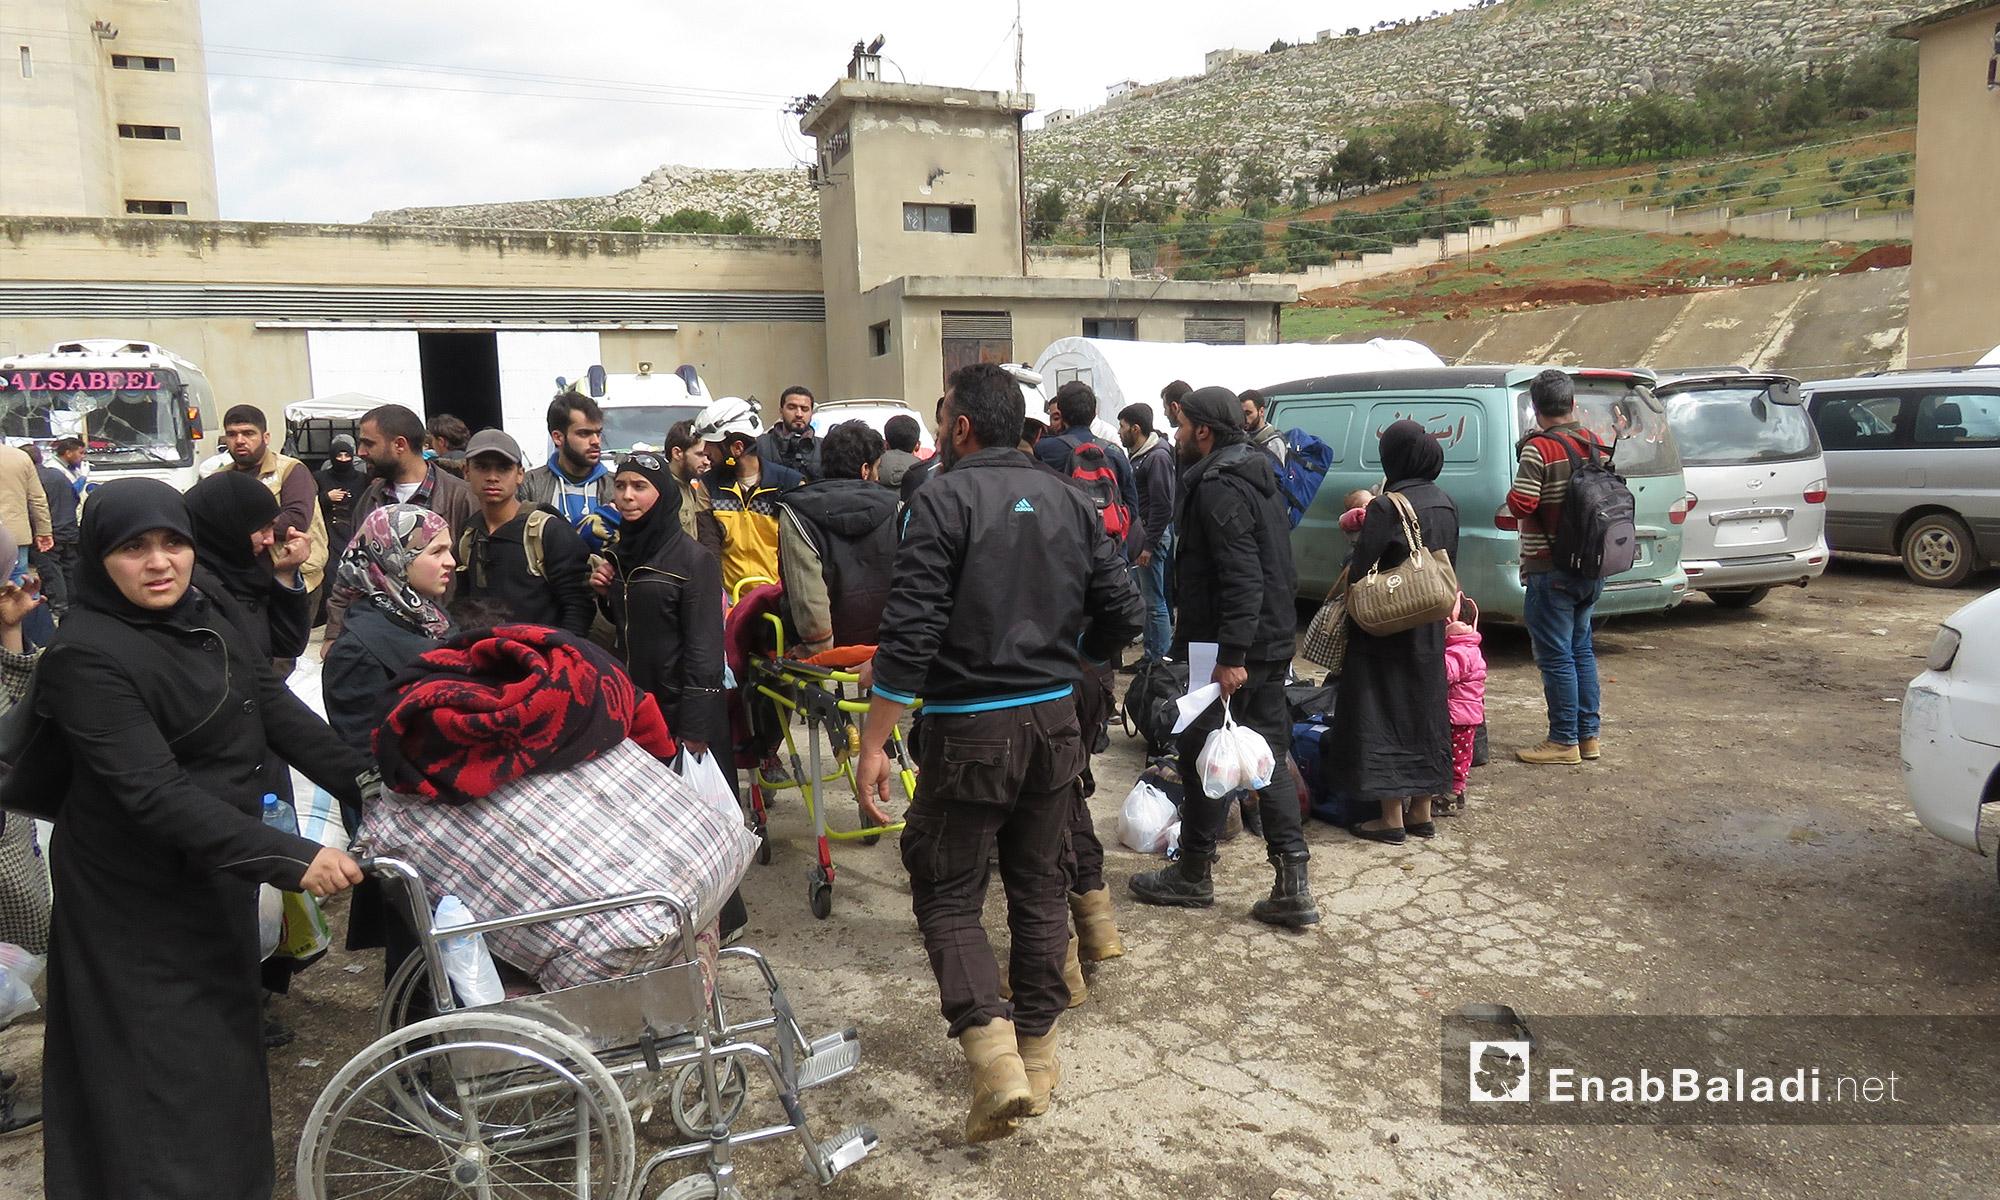 مهجرون وصلوا من عربين إلى قلعة المضيق غربي حماة - 25 آذار 2018 (عنب بلدي)